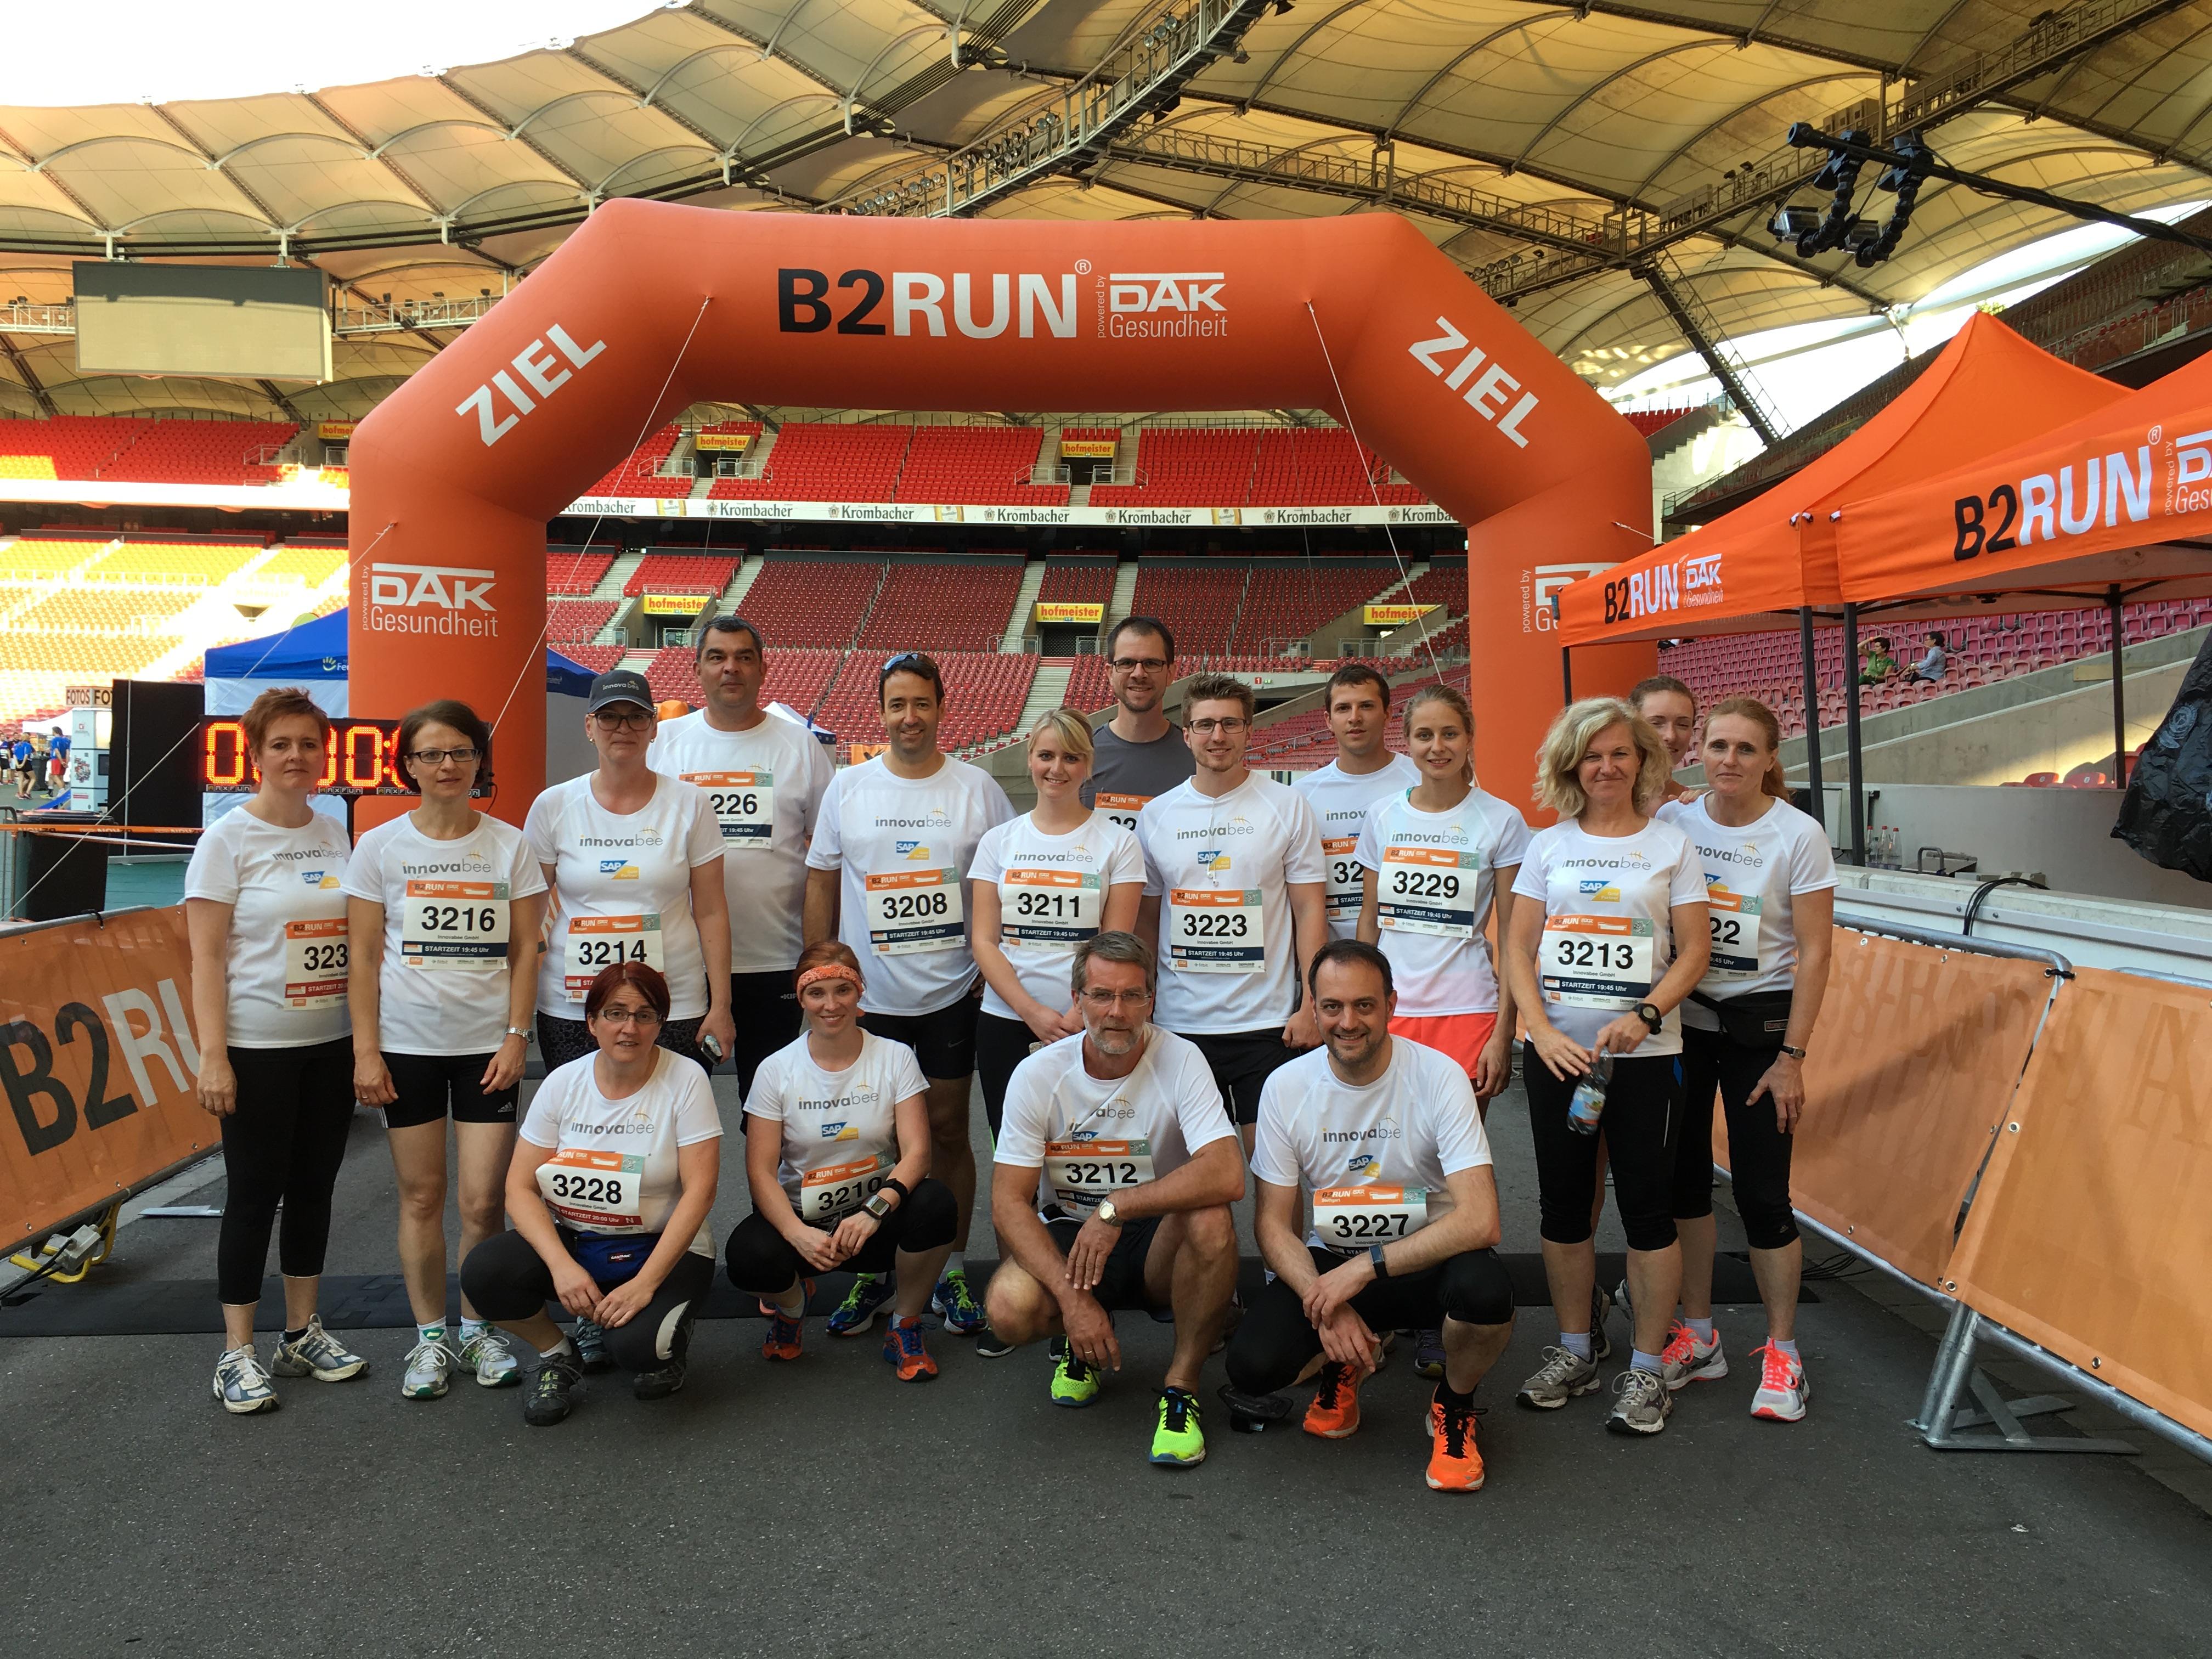 IMG 6357 - Innovabee-Team startet beim B2RUN in Stuttgart